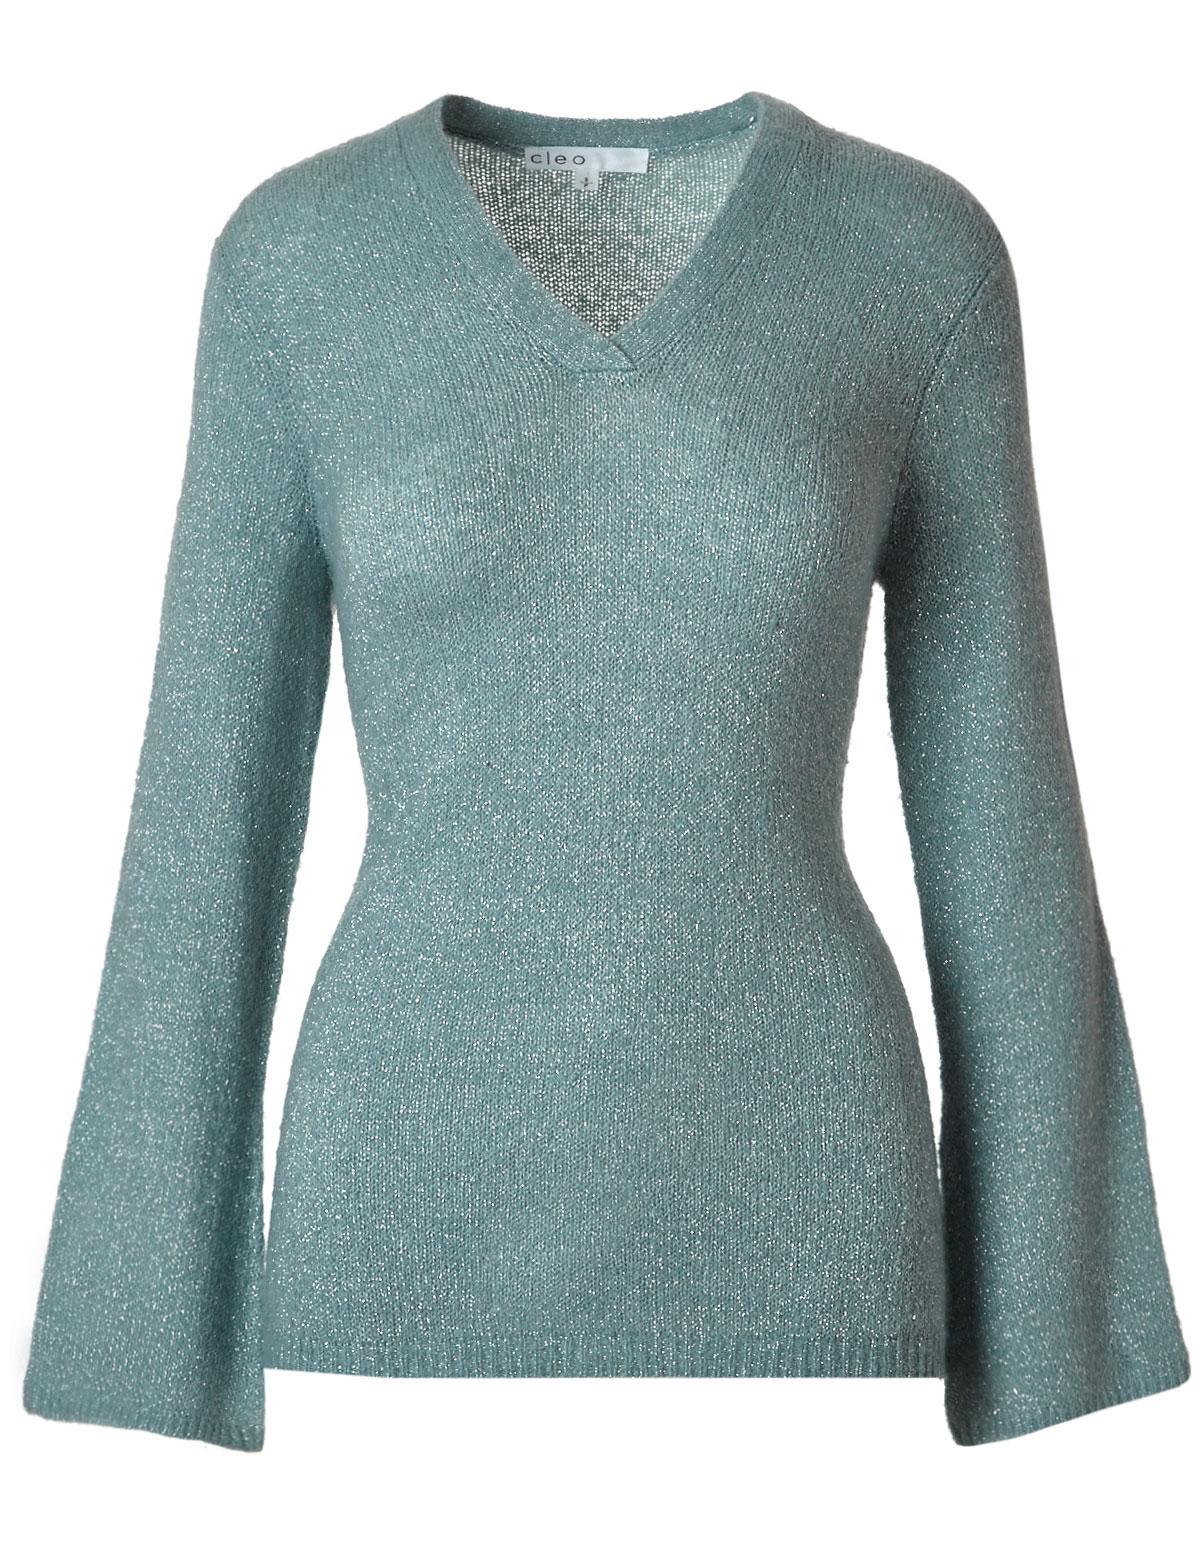 Light Teal V Neckline Shimmer Sweater Cleo